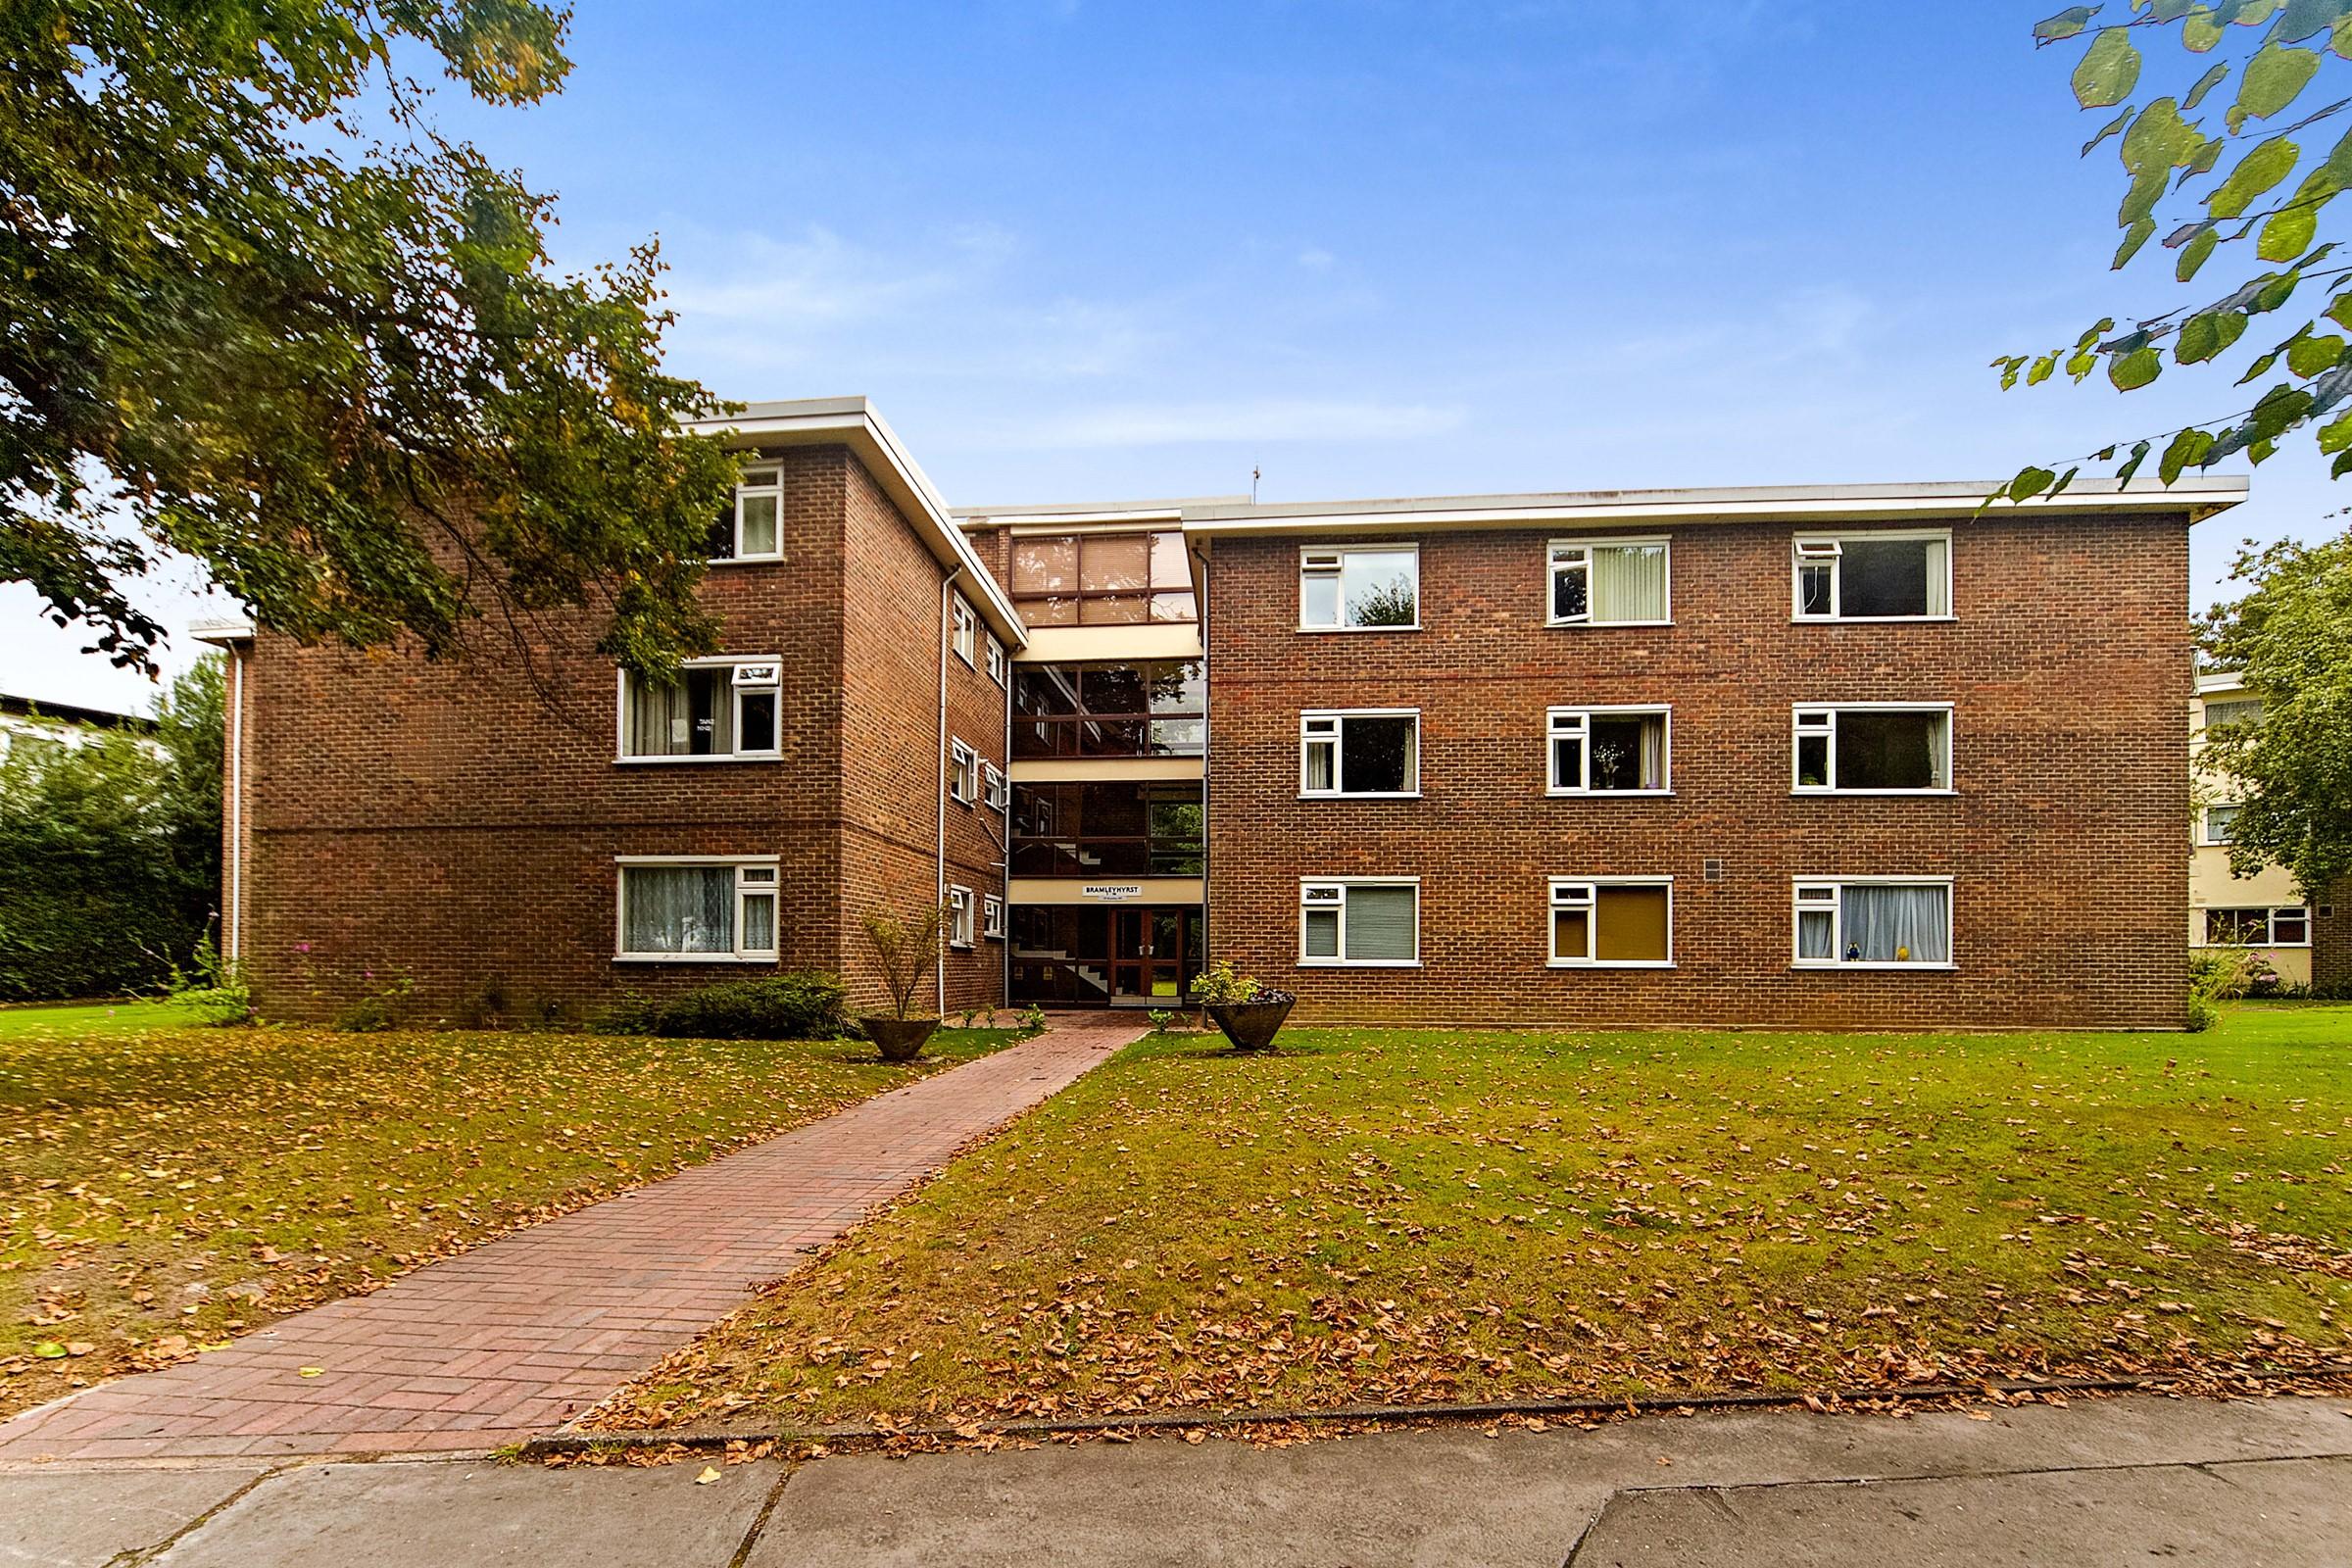 Bramley Hyrst, Bramley Hill, South Croydon, Surrey, CR2